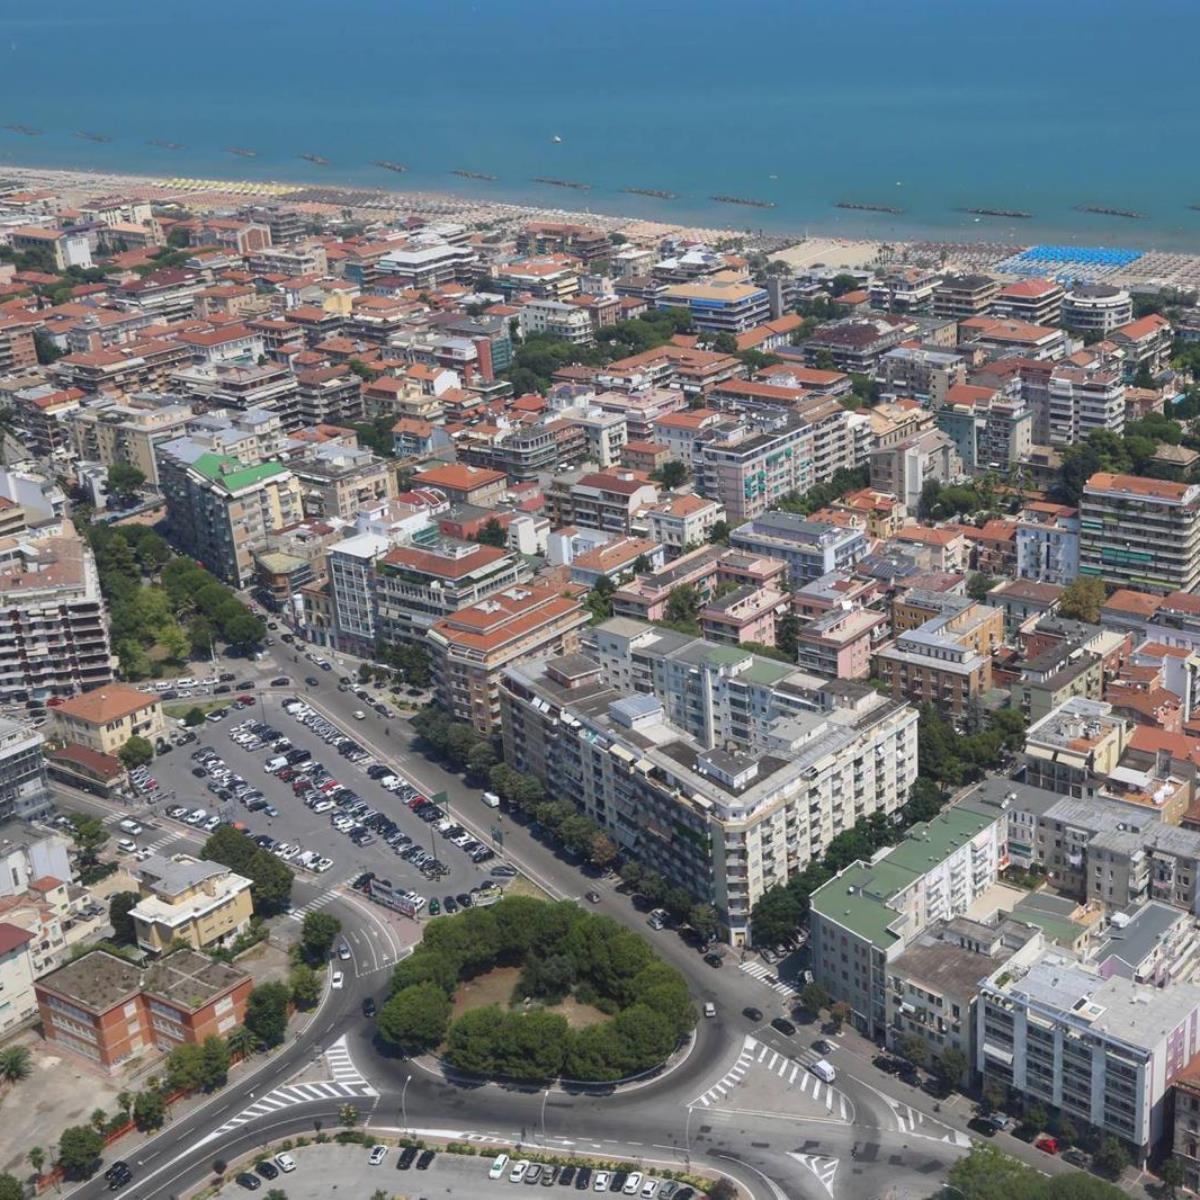 Buon compleanno Pescara (che compie oggi 94 anni) foto